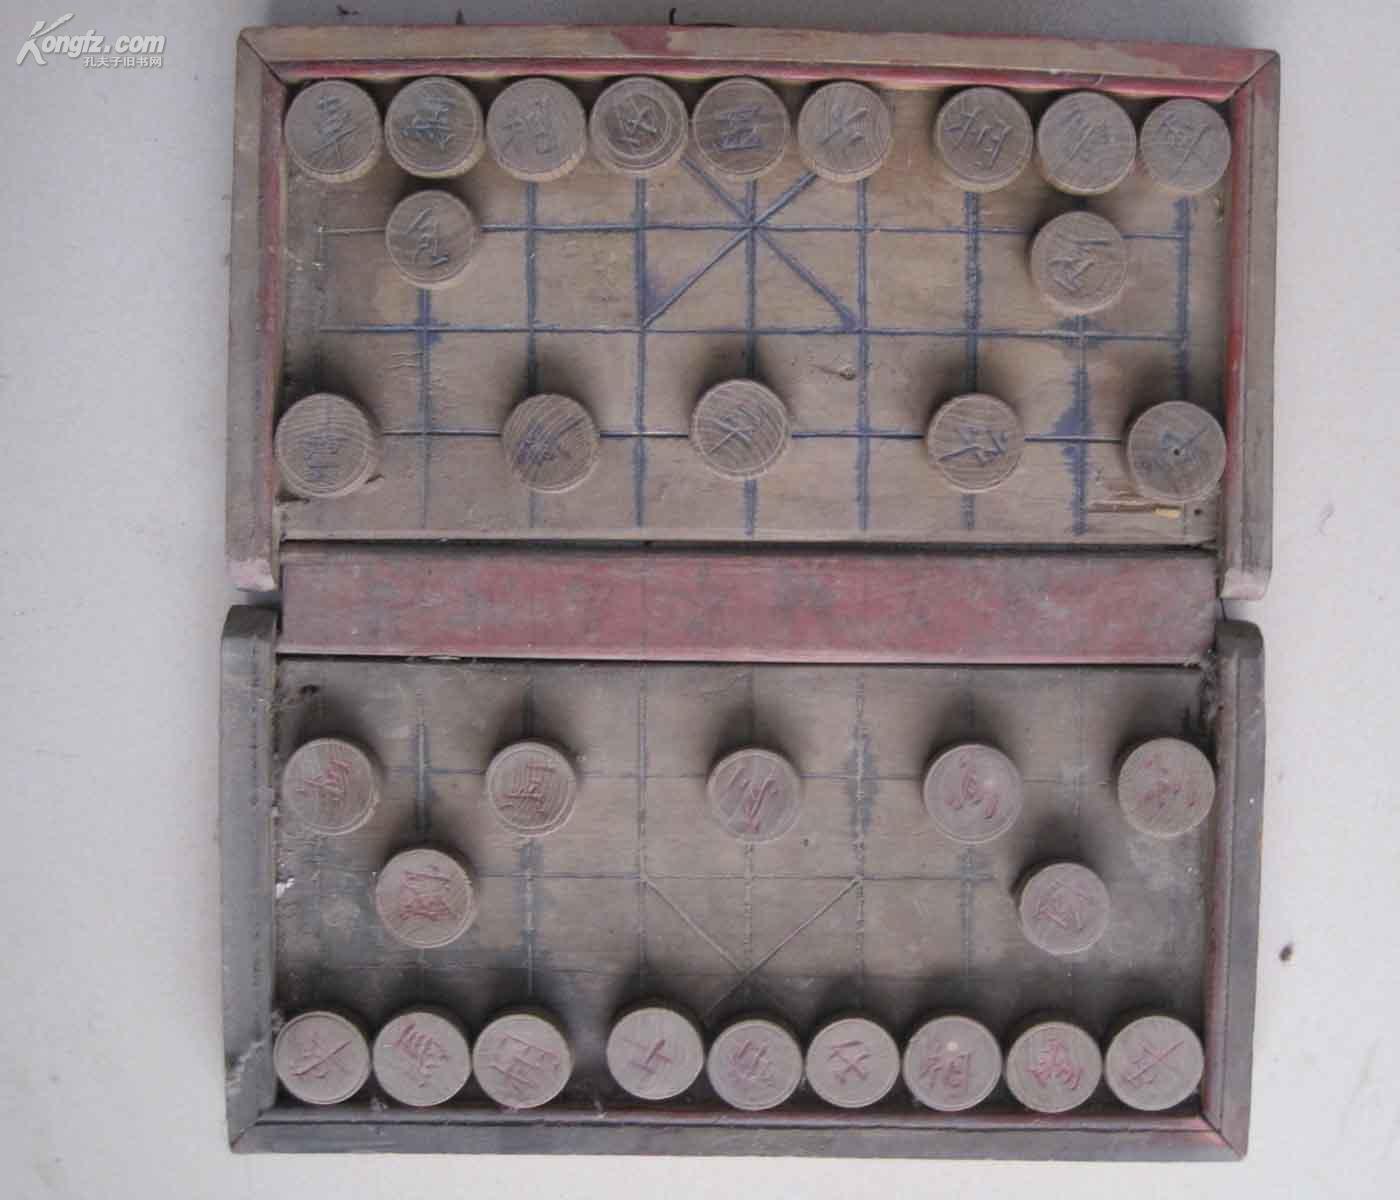 一副木制老象棋  盒尺寸为18*35cm  棋子的尺寸为直径3.4cm  棋子全